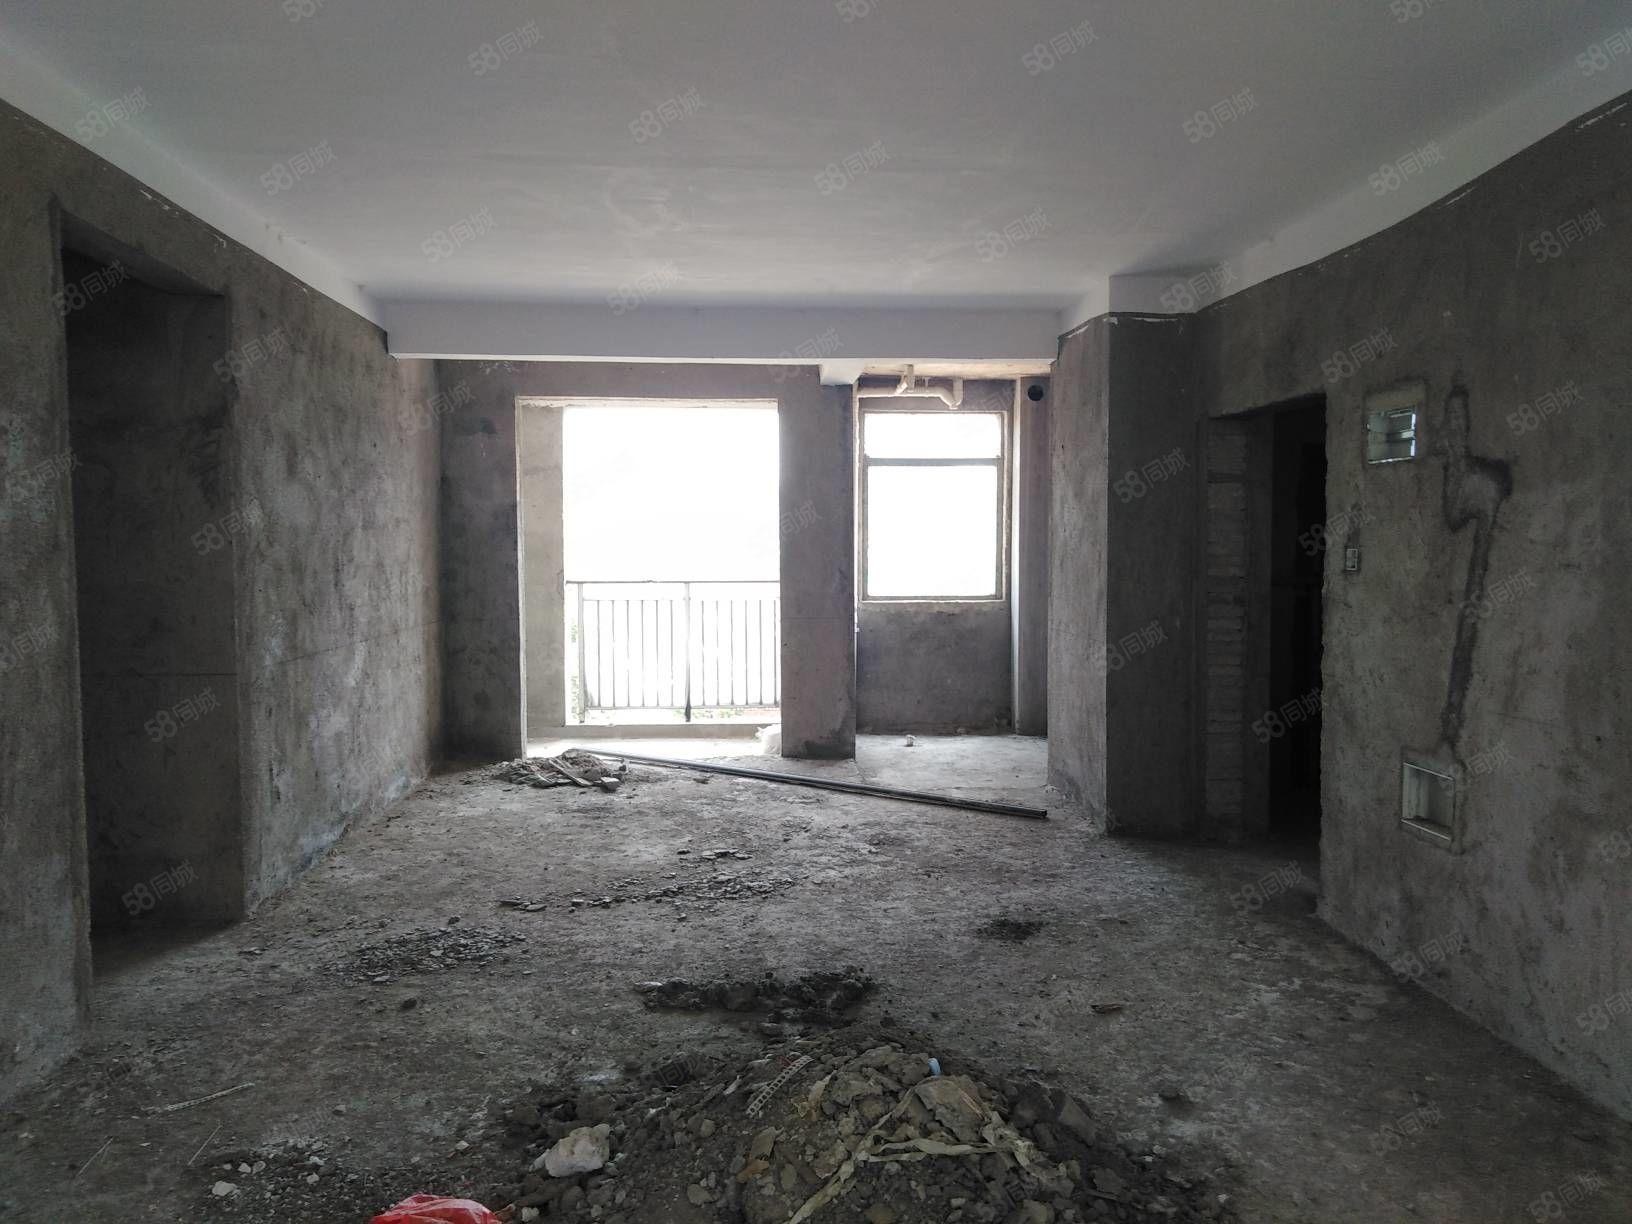 急卖急卖白菜价峰林颐境洋房127平米三室两厅两卫仅需48万